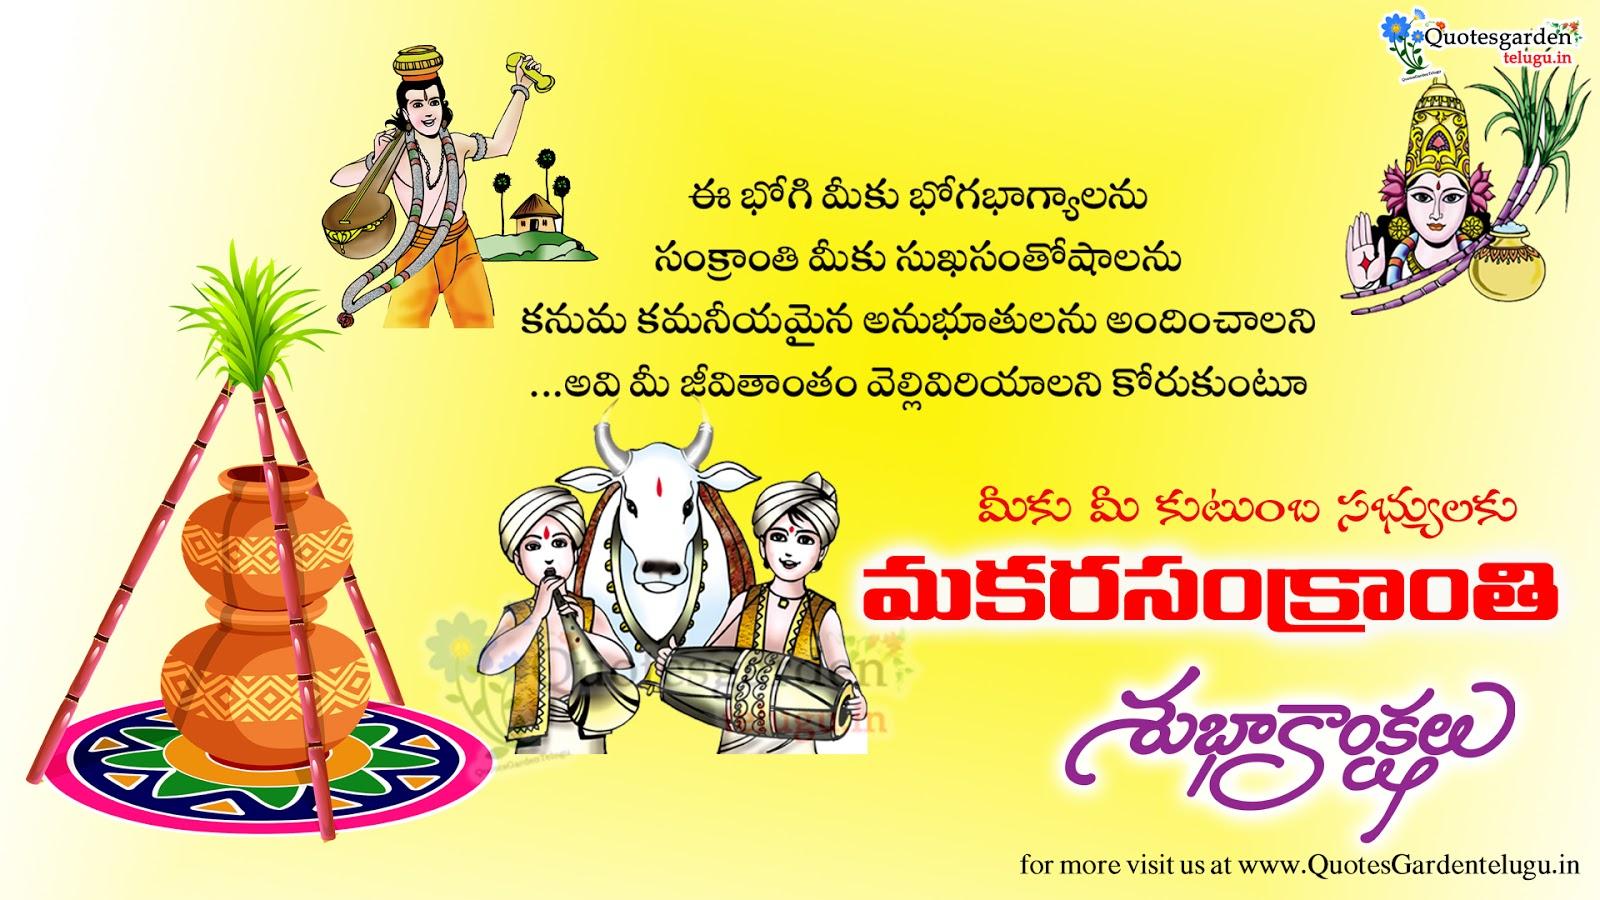 Latest Telugu makarasankranthi greetings wishes png images ...